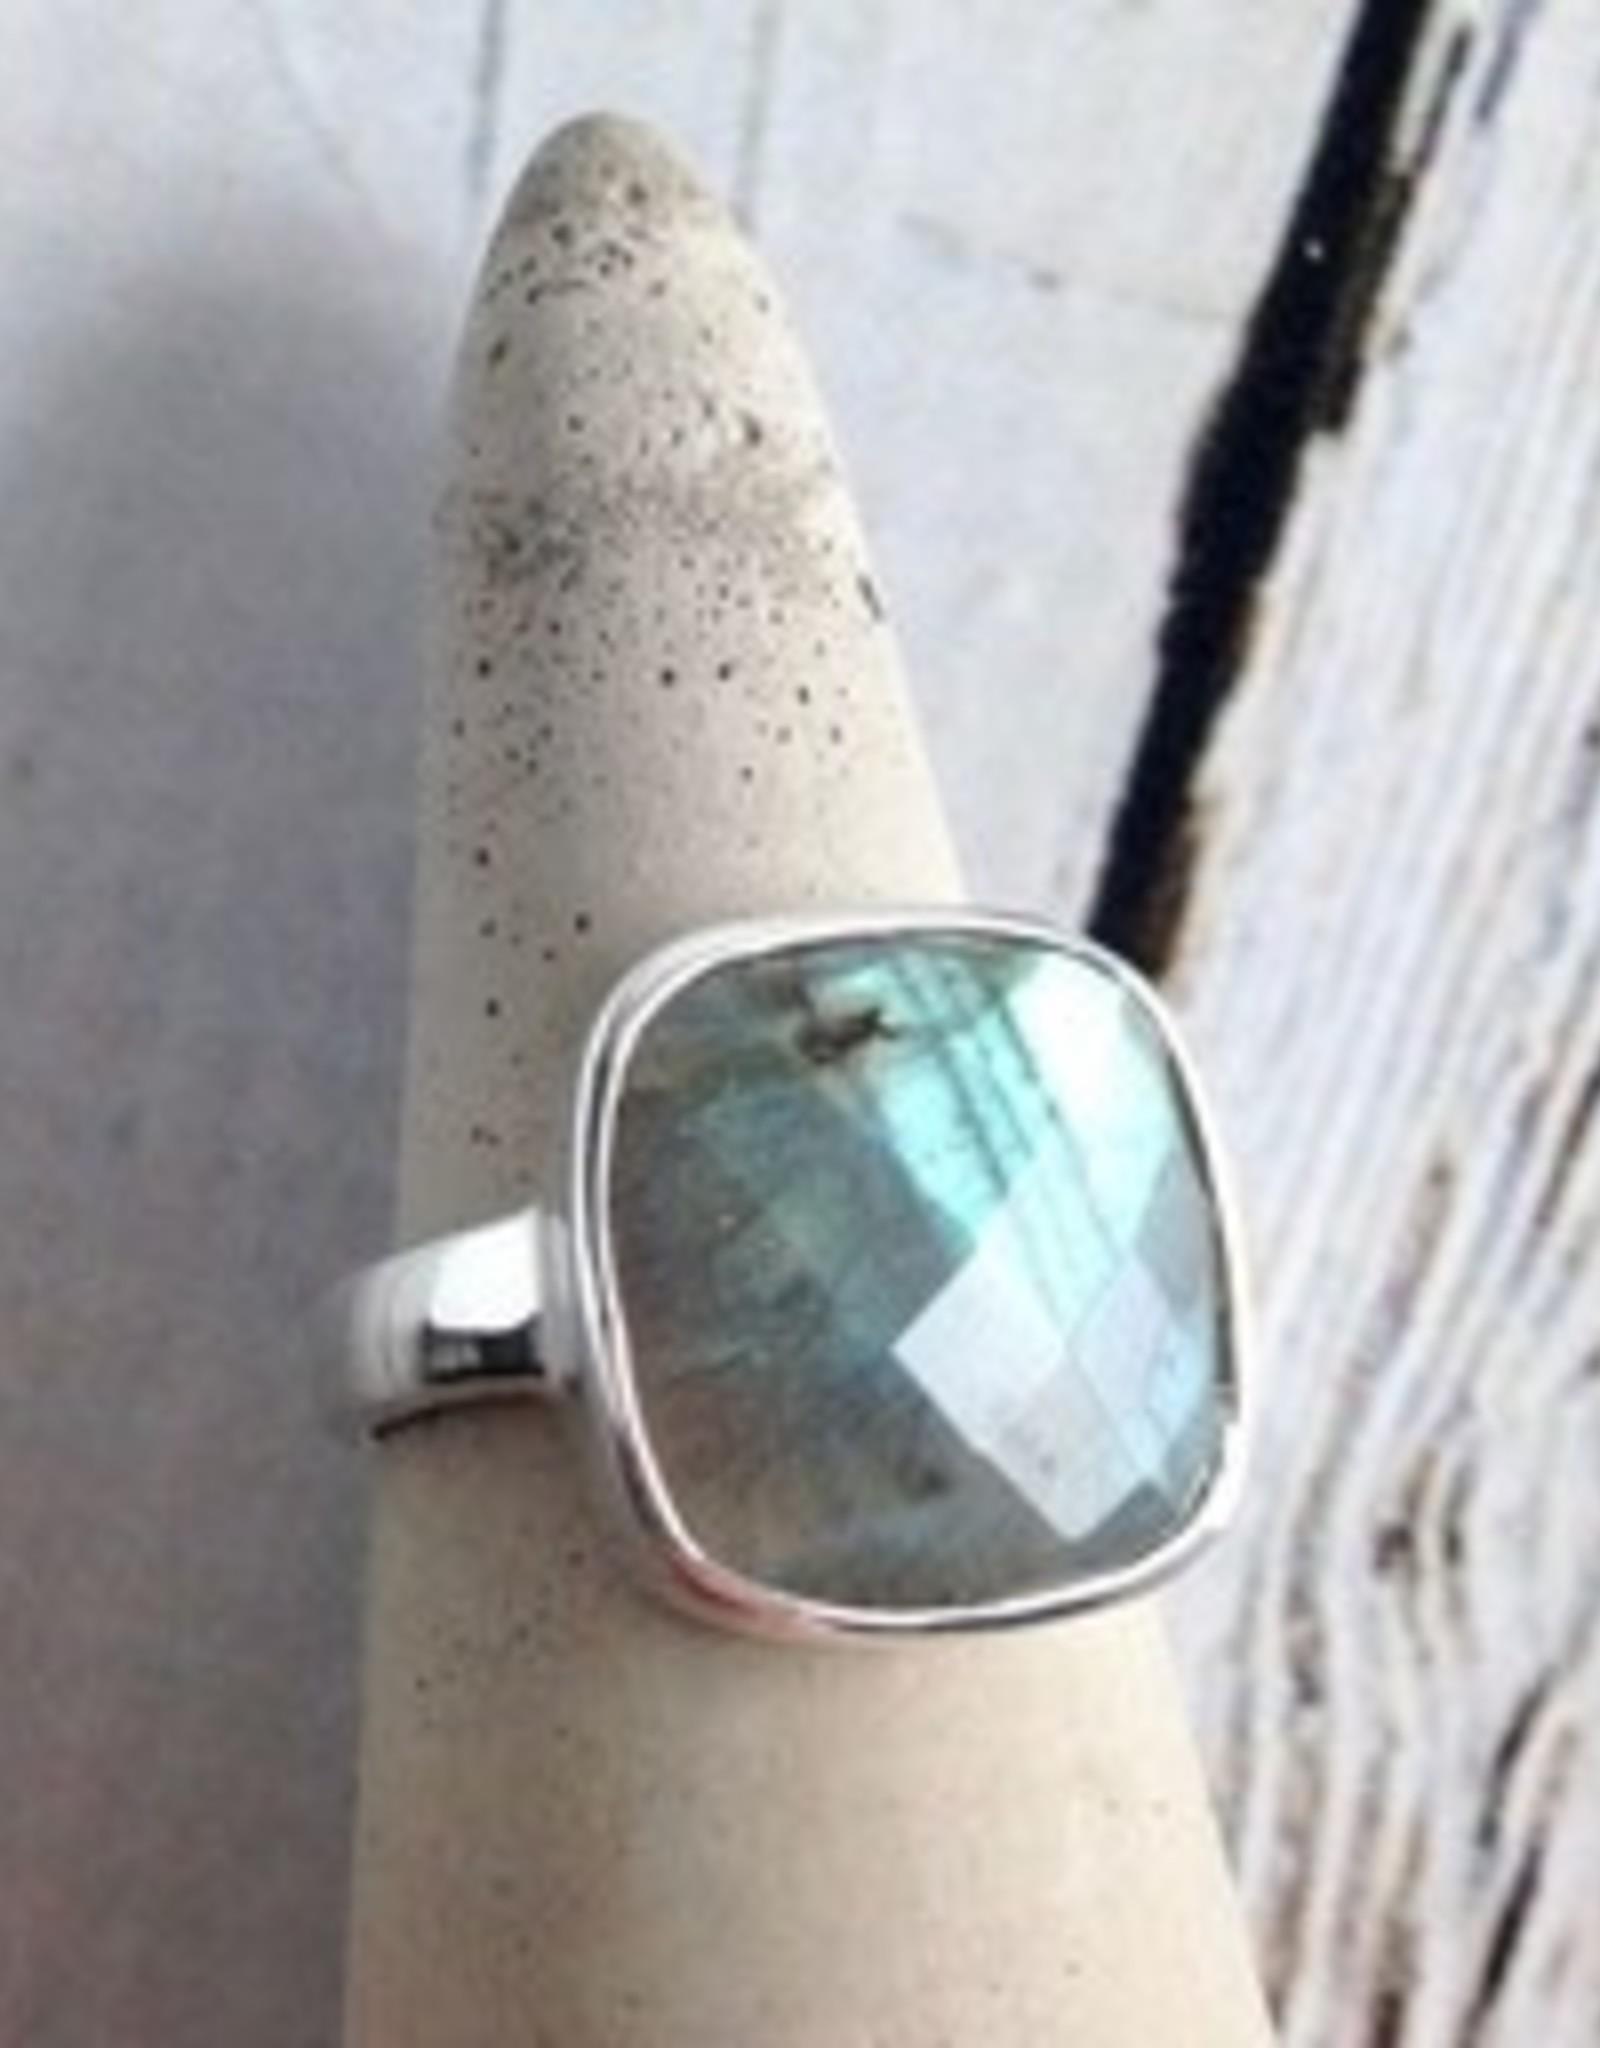 MMA Checkerboard Cut Labradorite Ring, Size 6